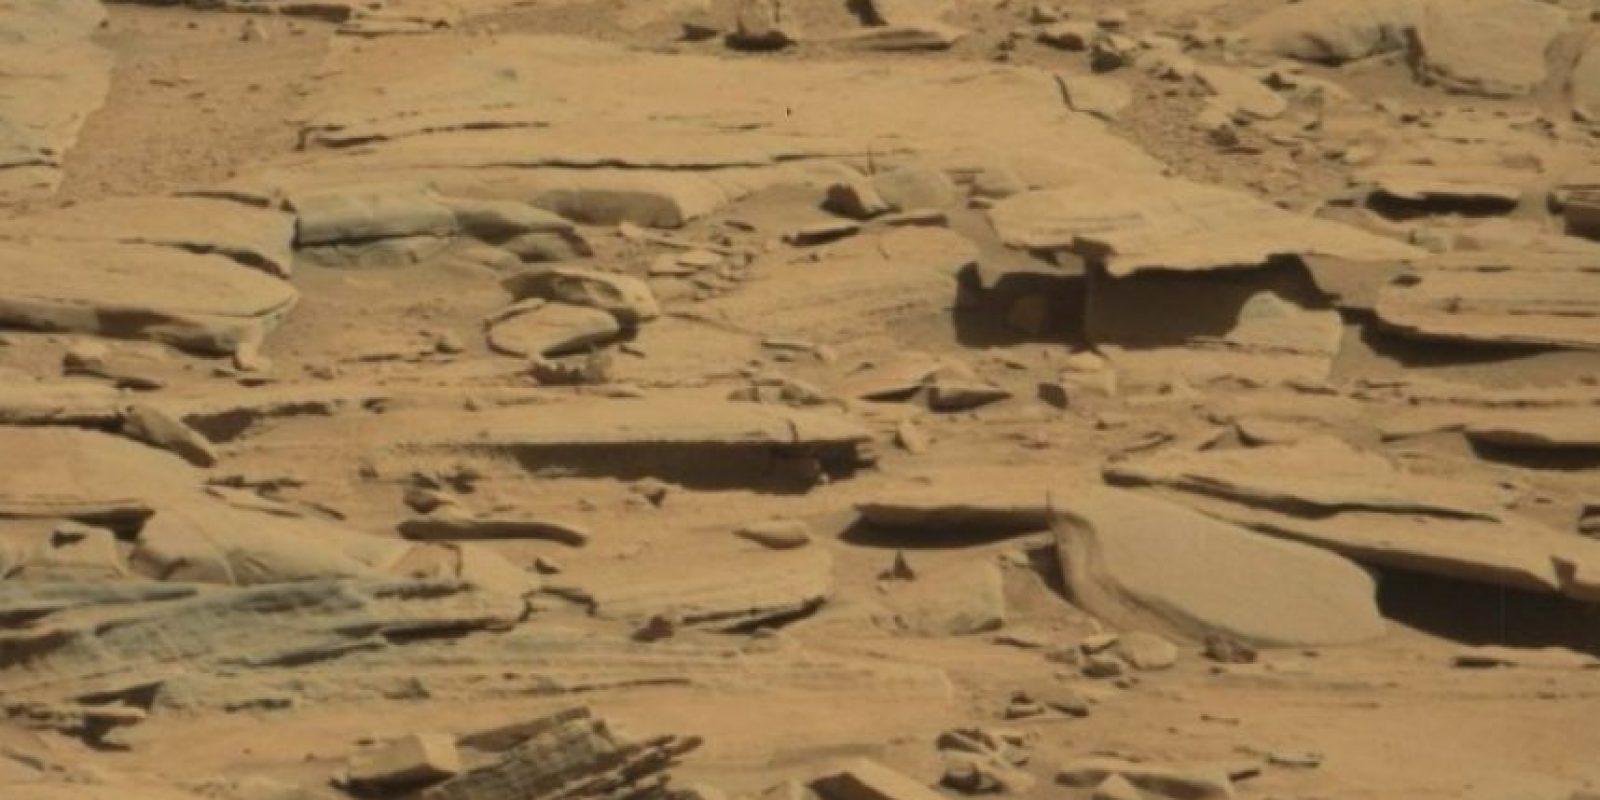 Se descubrió en agosto de 2014 Foto:NASA – Foto original en http://mars.jpl.nasa.gov/msl-raw-images/msss/00601/mcam/0601MR0025370020400768E01_DXXX.jpg